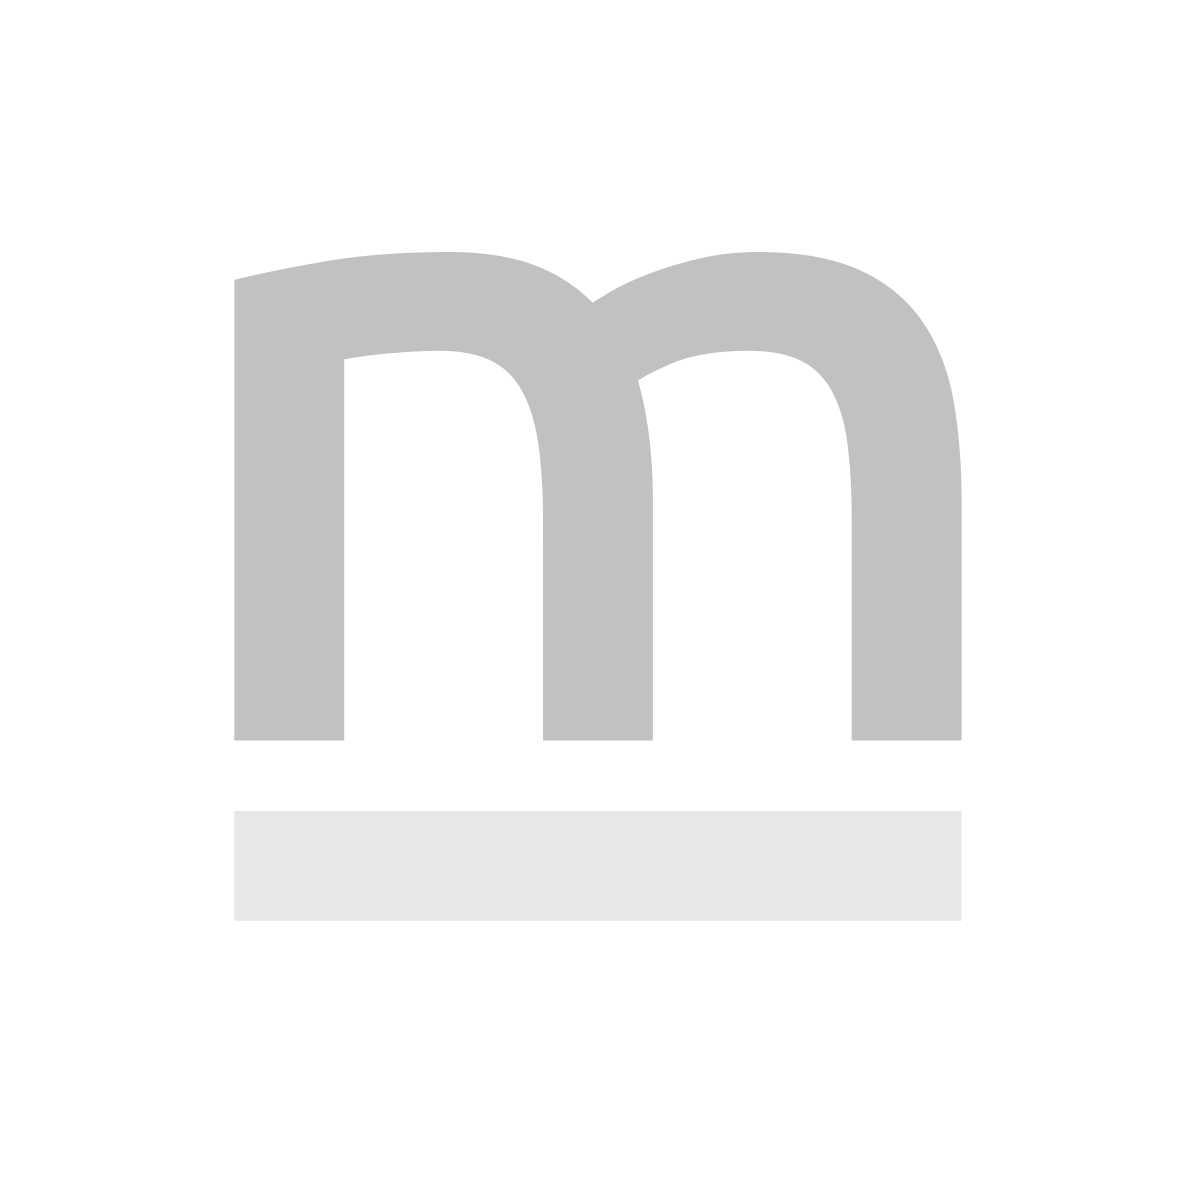 Dywan dziecięcy GALLETITA ROSA 140x140 różowy